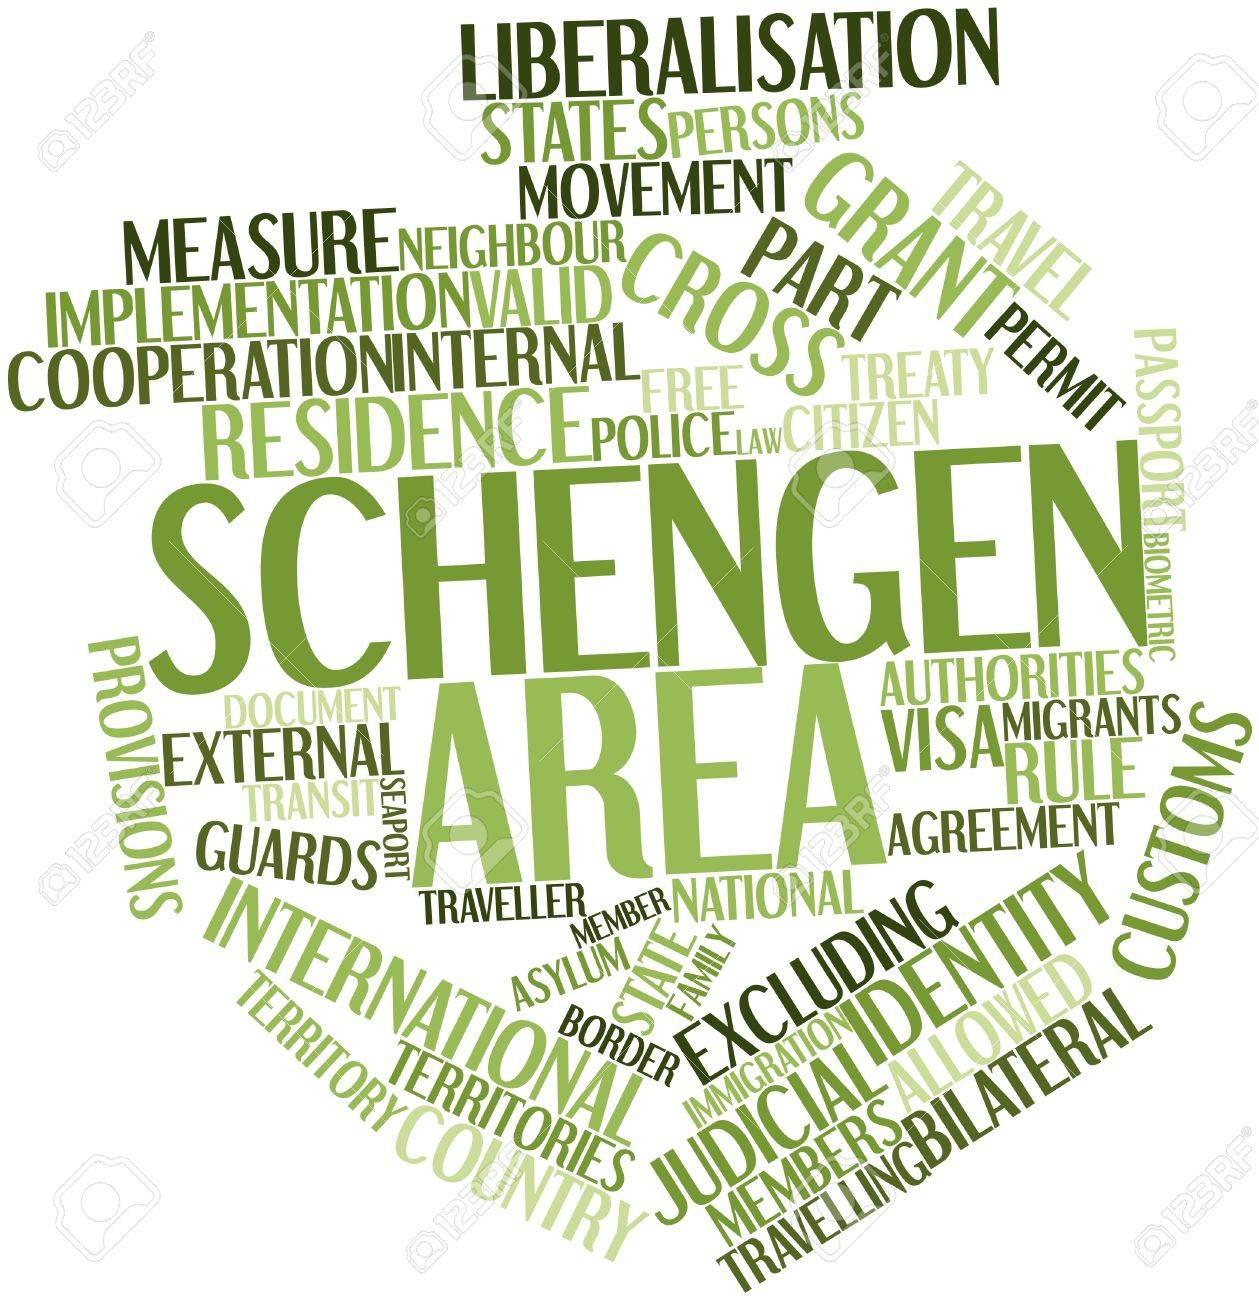 Erstaunlich Abstraktes Wort Wolke Für Schengen Raum Mit Verwandten Tags Und Begriffe  Standard Bild